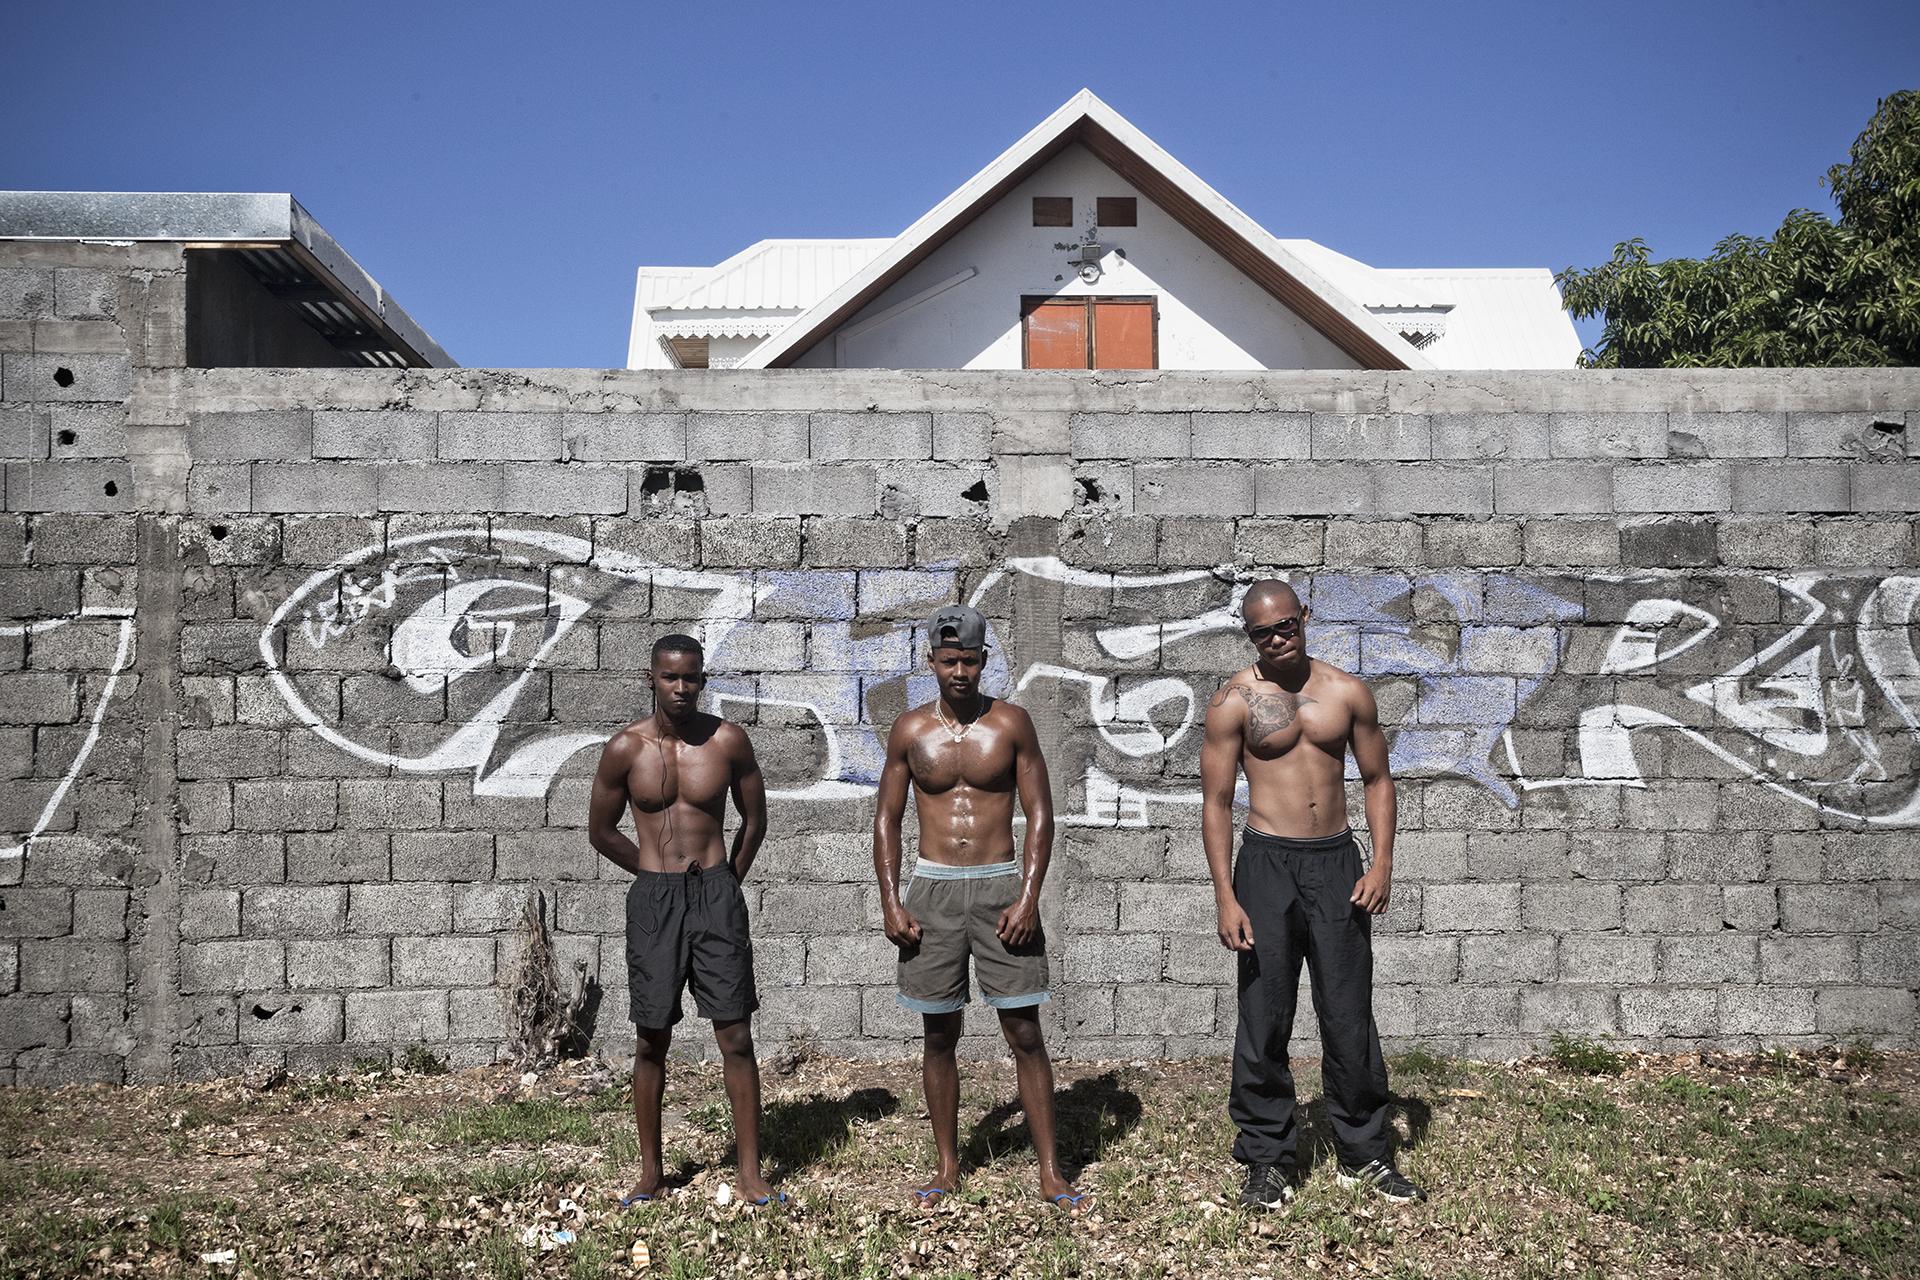 """Quartier """"Tintan"""", Le Port. Logan et ses amis font leur sport du matin. Ils habitent un des quartiers les plus sensibles de l'île. Sans emploi pour le moment, ils vivent de petits boulots et « profitent de la vie » comme ils disent. La pauvreté n'a ici aussi pas de couleur : Logan, à gauche, est d'origine Malbar, ses amis sont, pour l'un comorien et l'autre a des origines malgaches et africaines."""